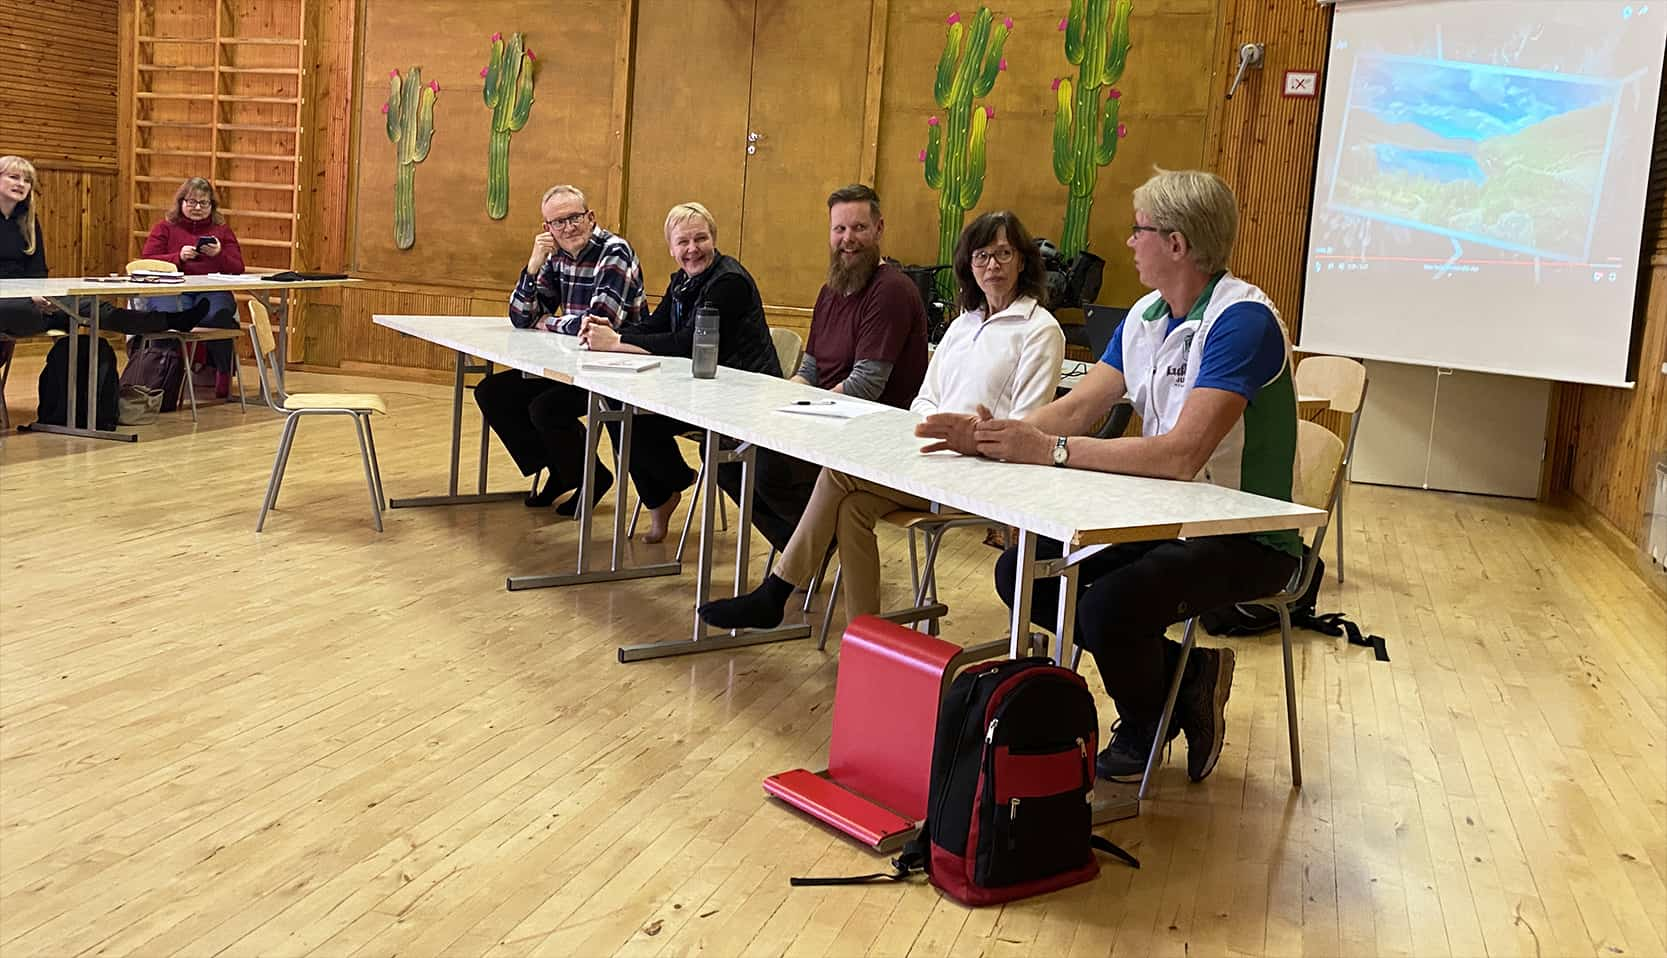 Viisi ihmistä istuu pöydän ääressä.